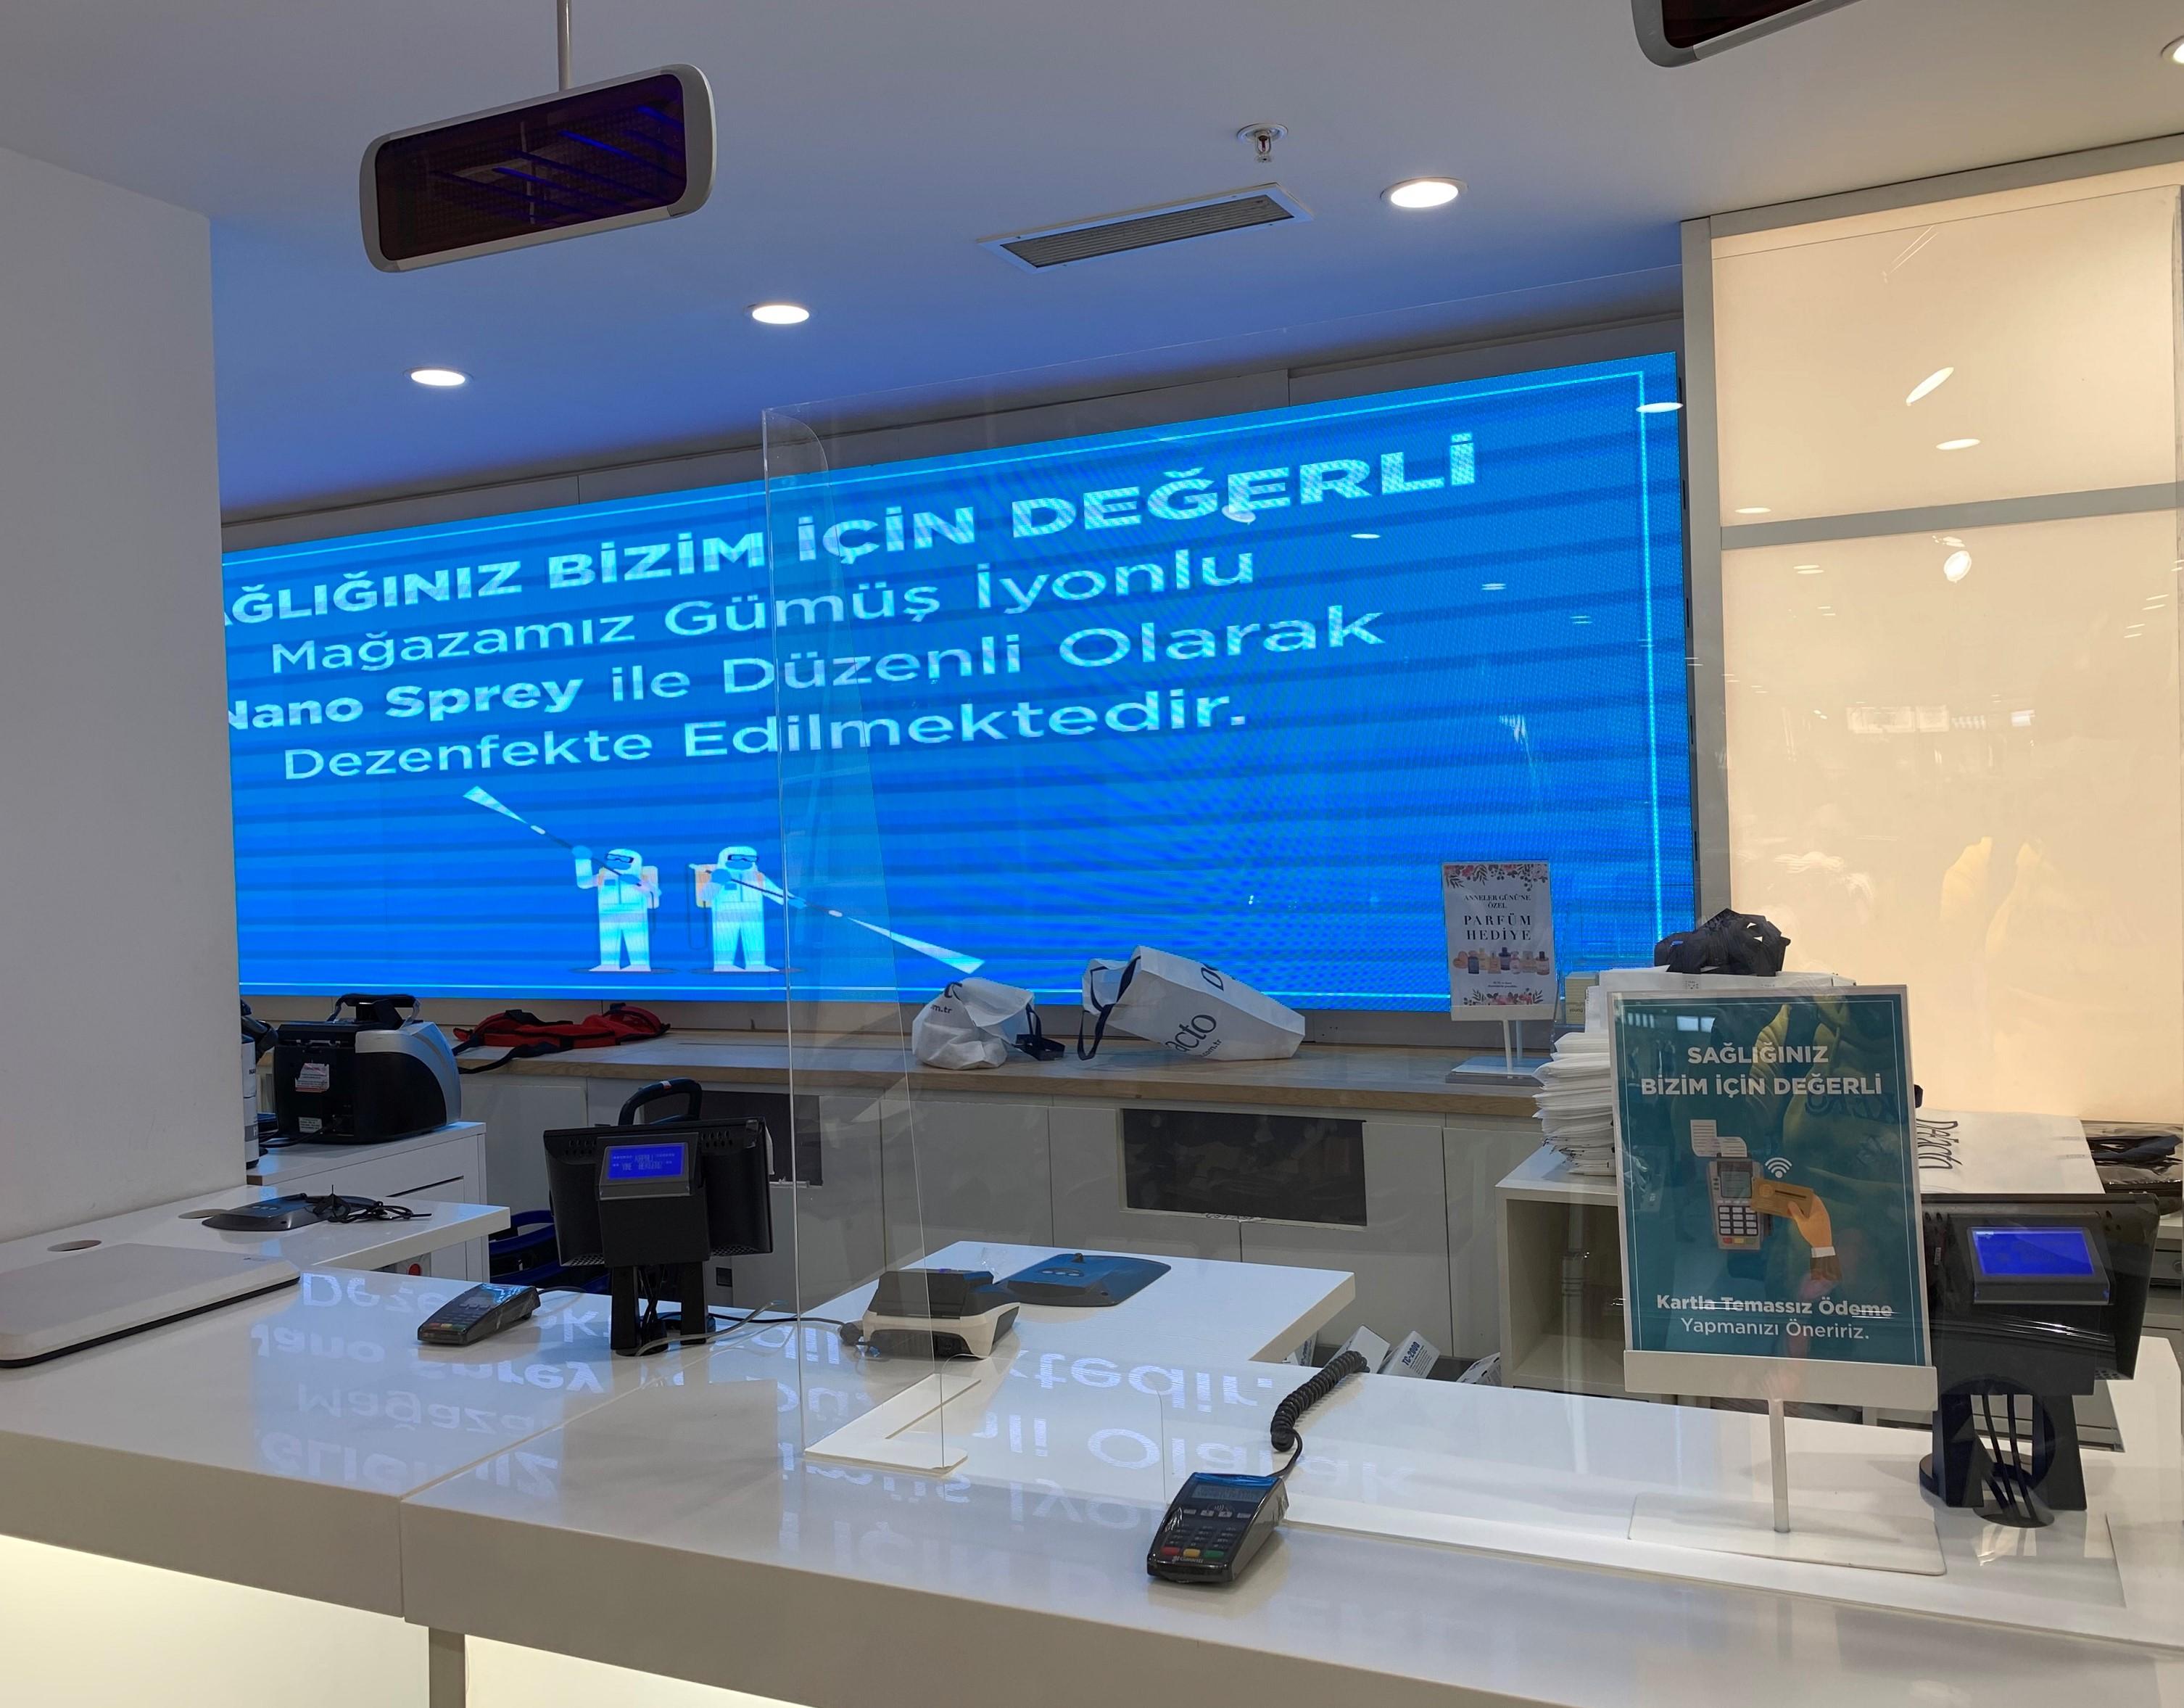 Koronavirüs ardından yeni alışveriş kriterleri: Ateş ölçümü, maske, gümüş iyon, UV ışınları